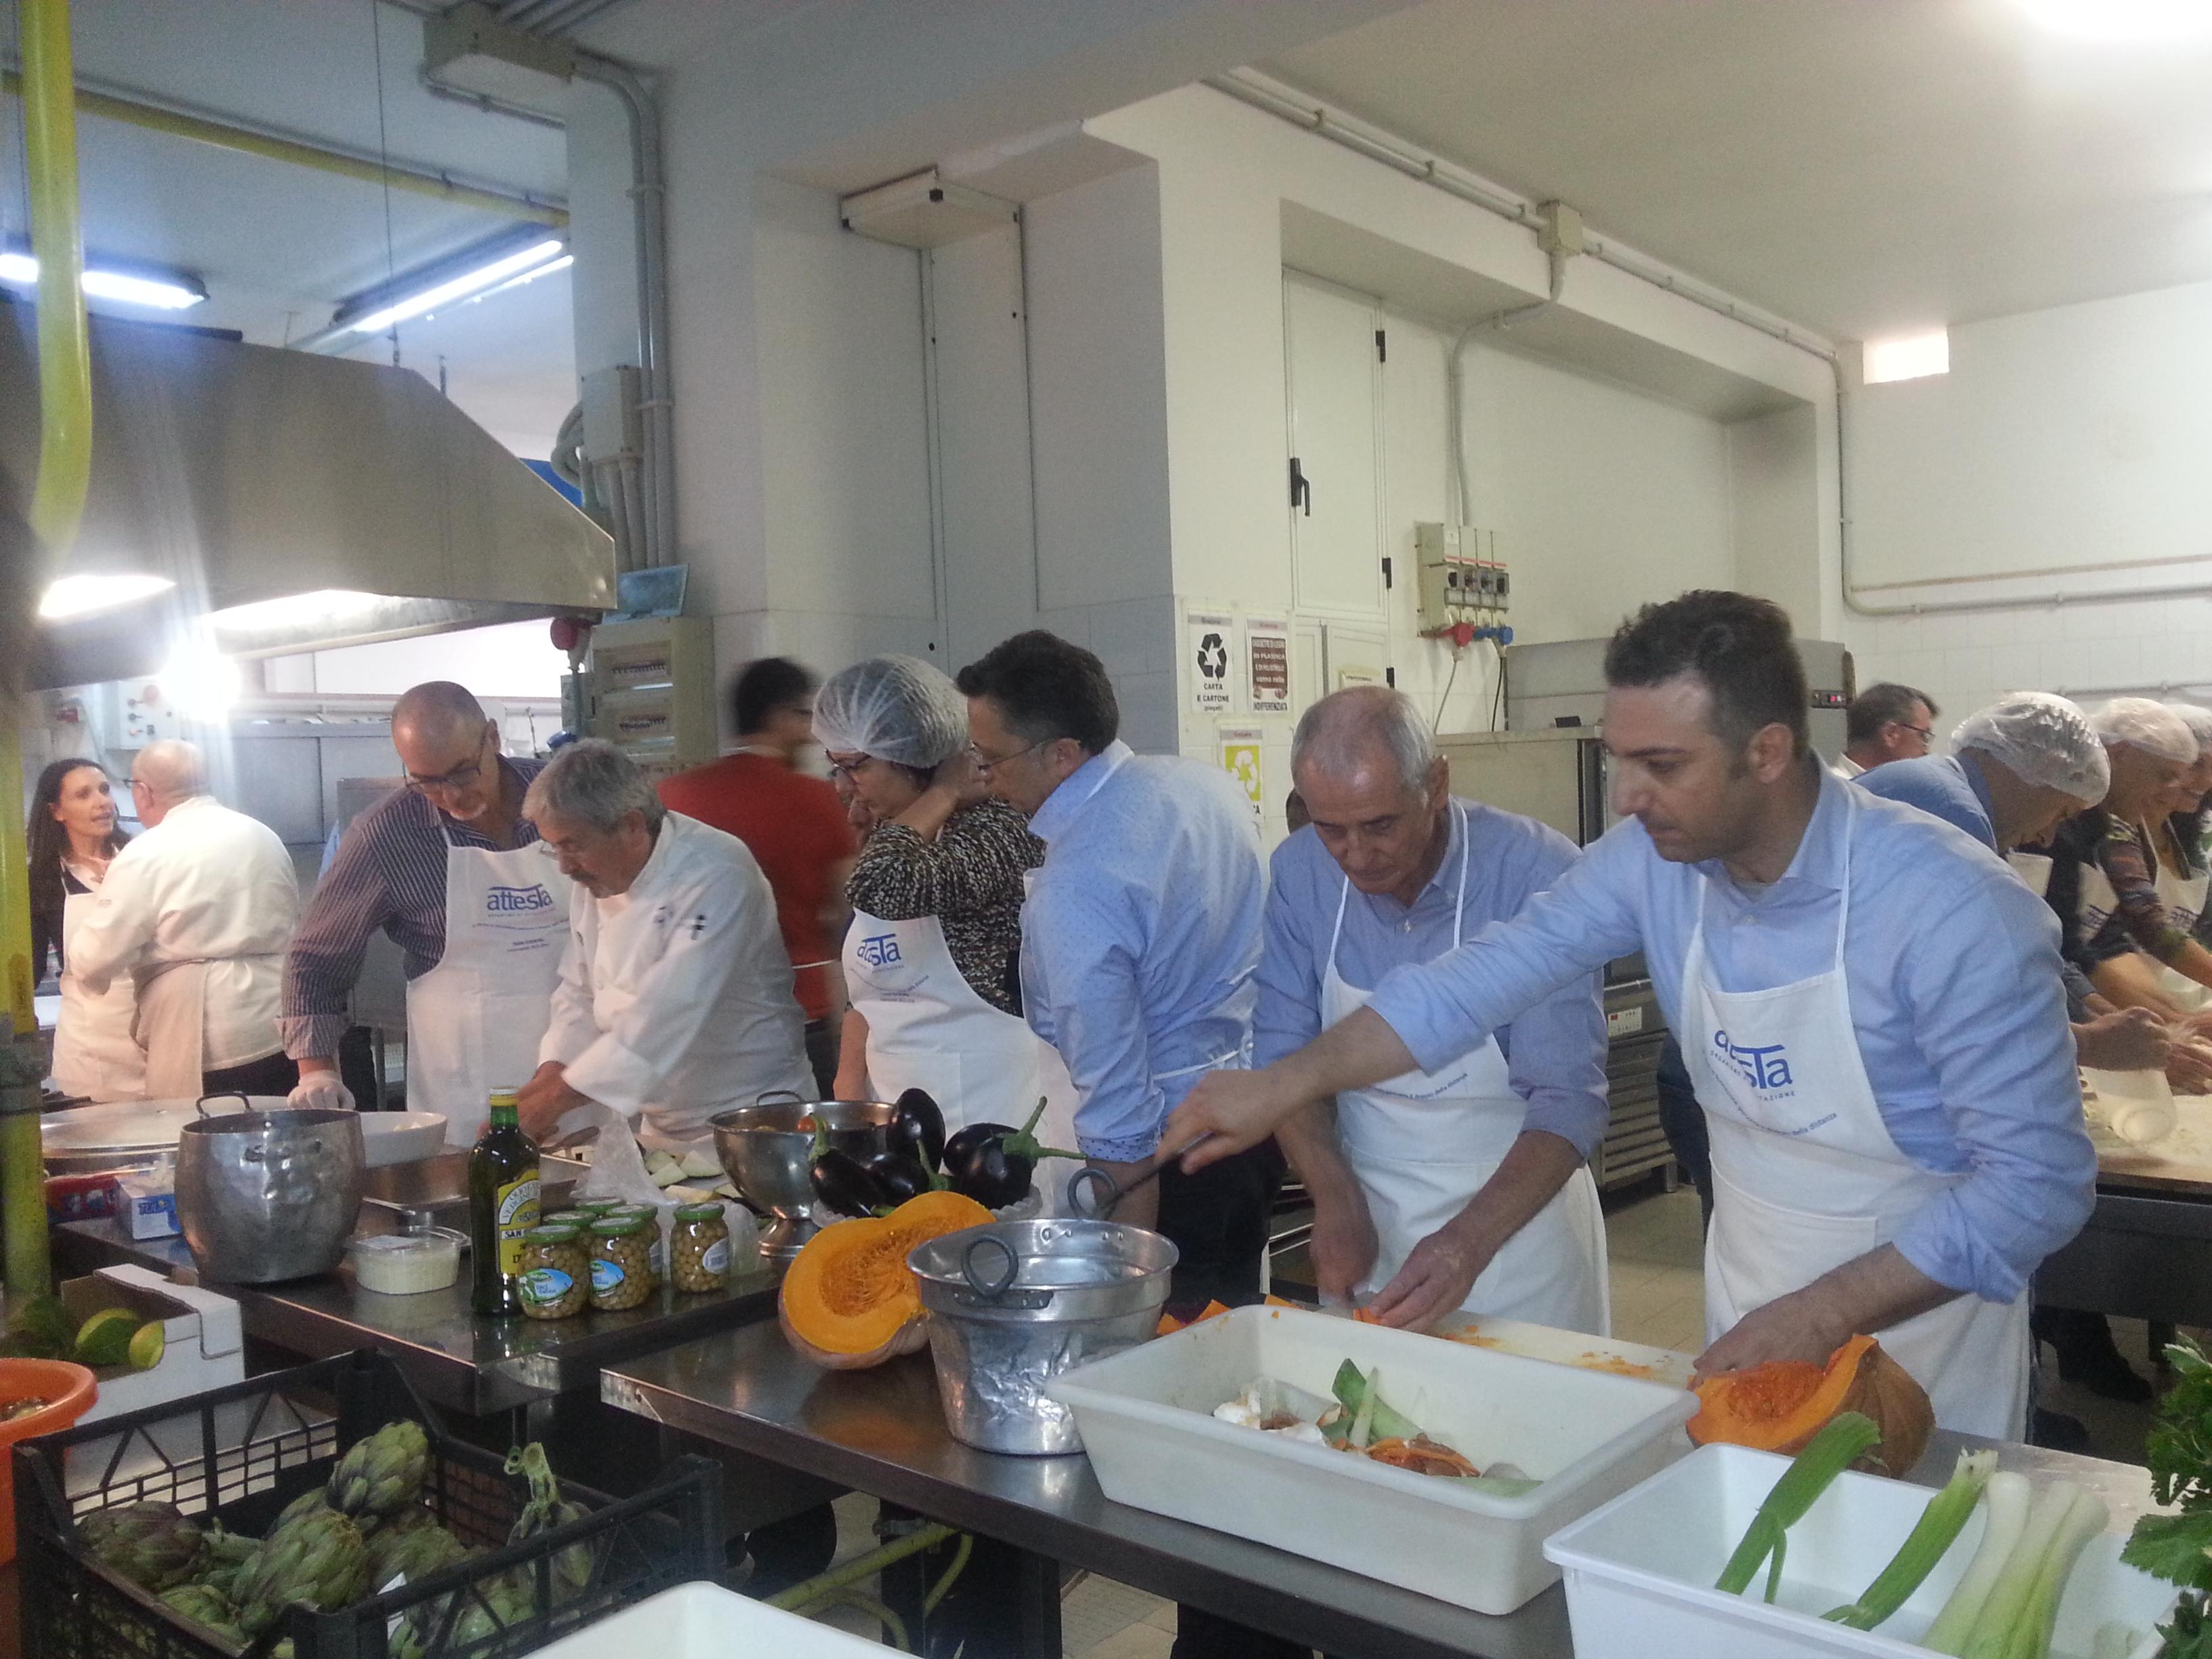 Brigata di cucina un esperienza per manager e imprenditori laura conte - Brigata di cucina ...